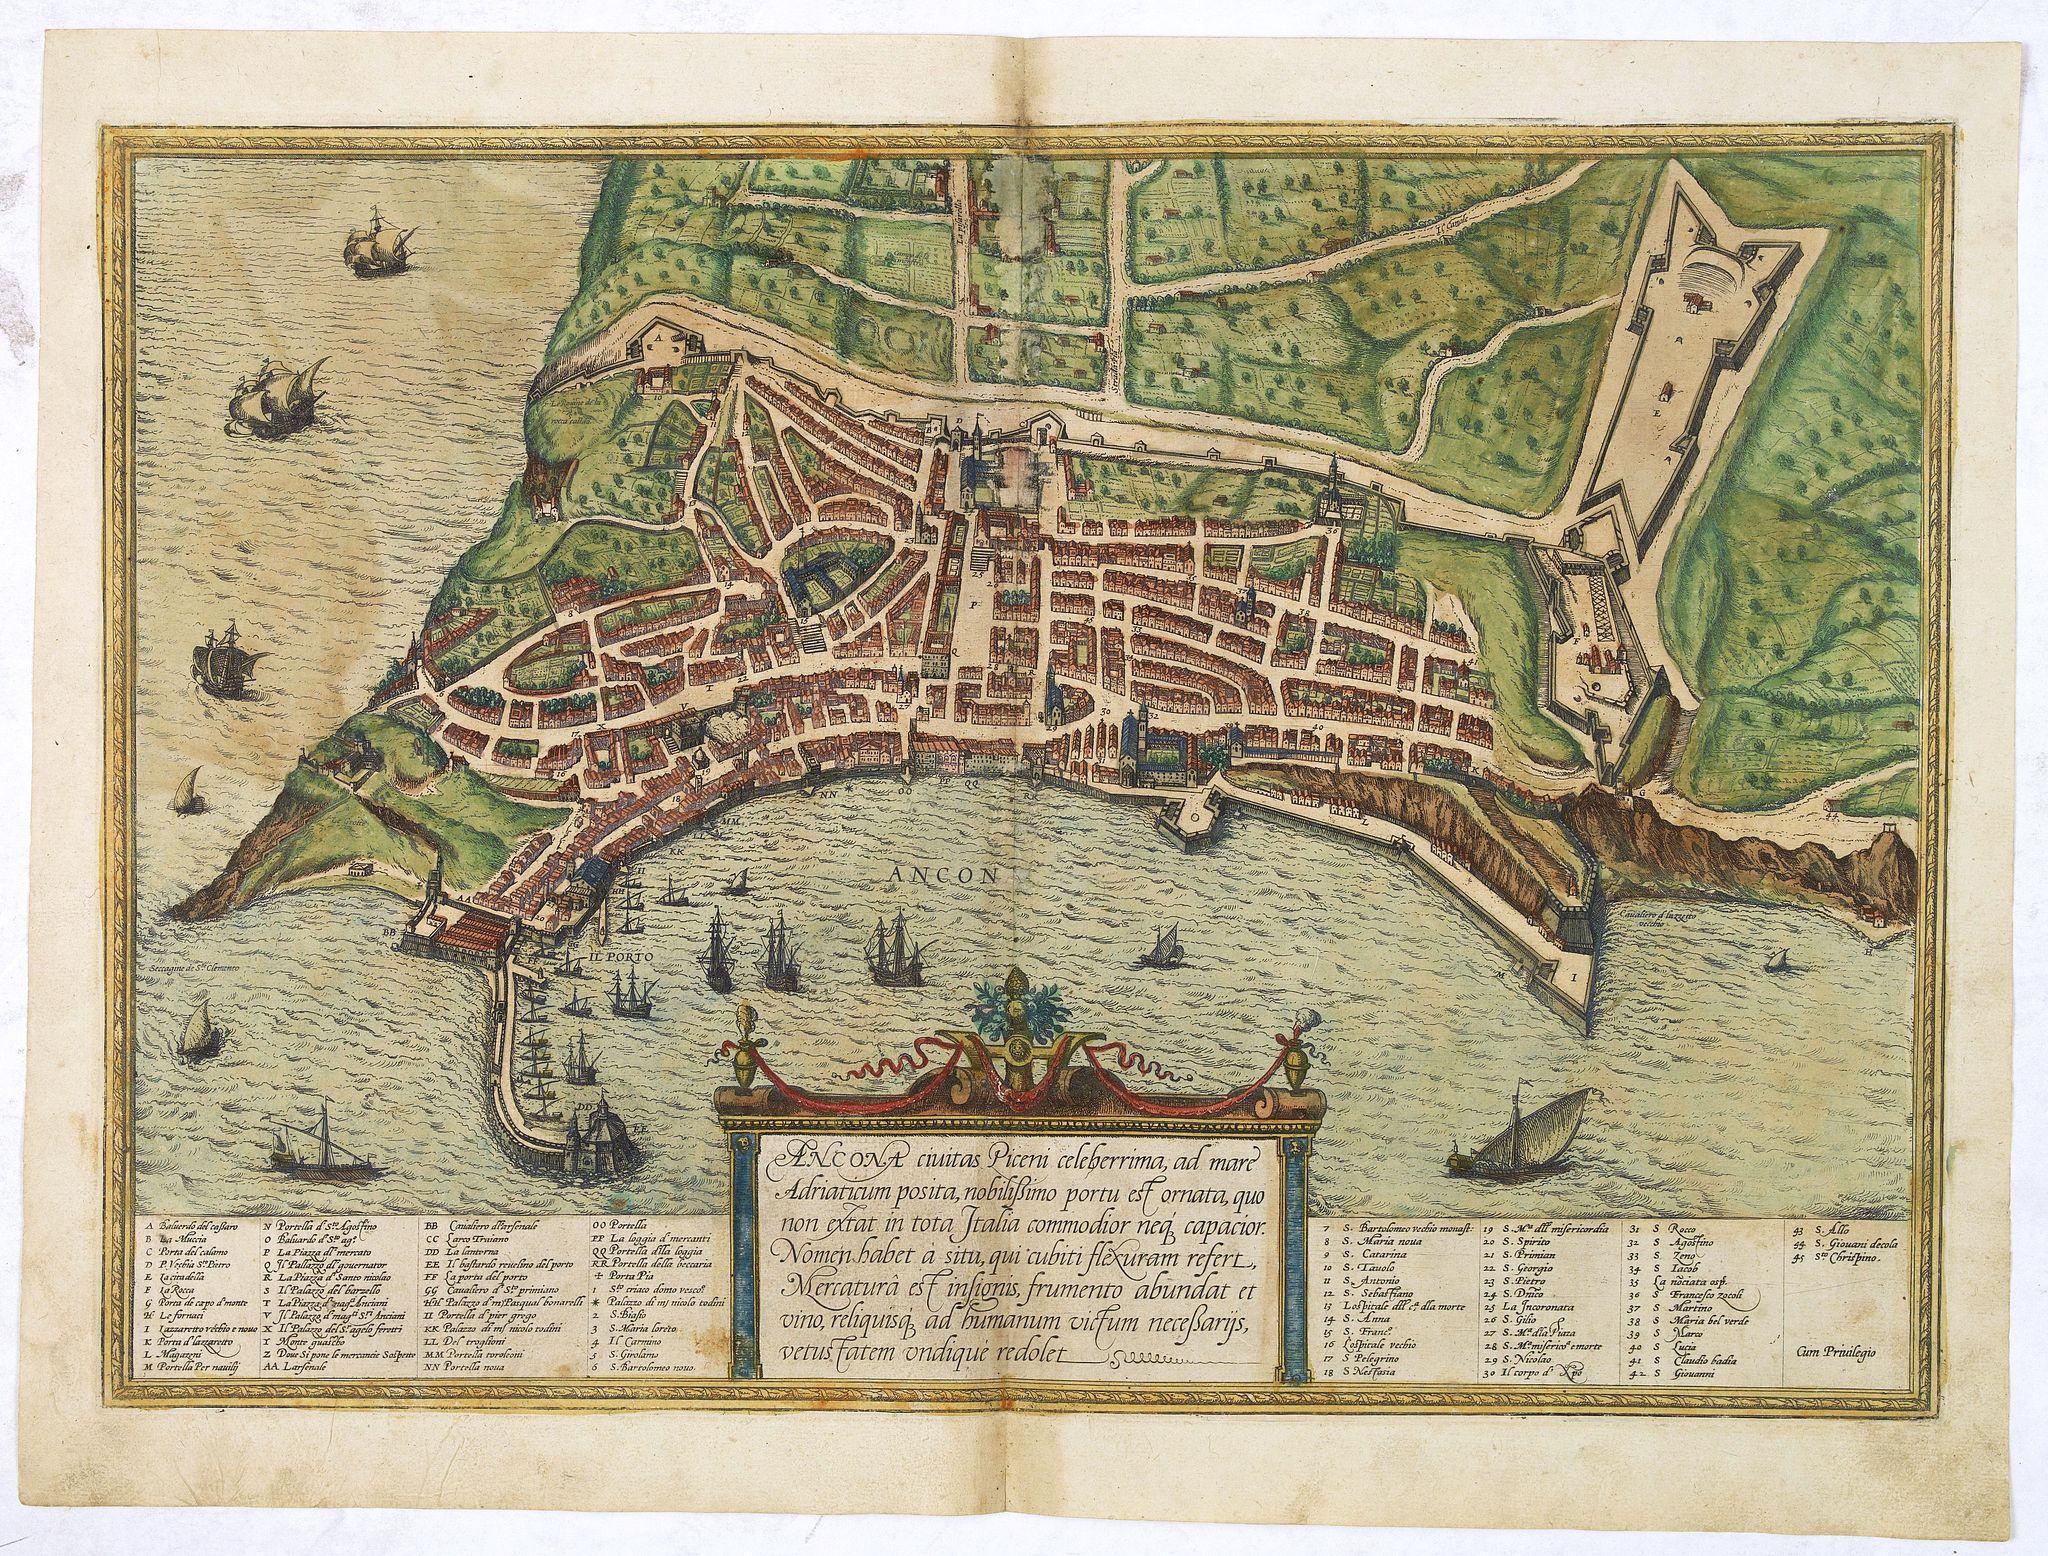 BRAUN,G. / HOGENBERG, F. -  Ancona Civitas Piceni Celeberrima, ad Mare Adriaticum Posita . . .